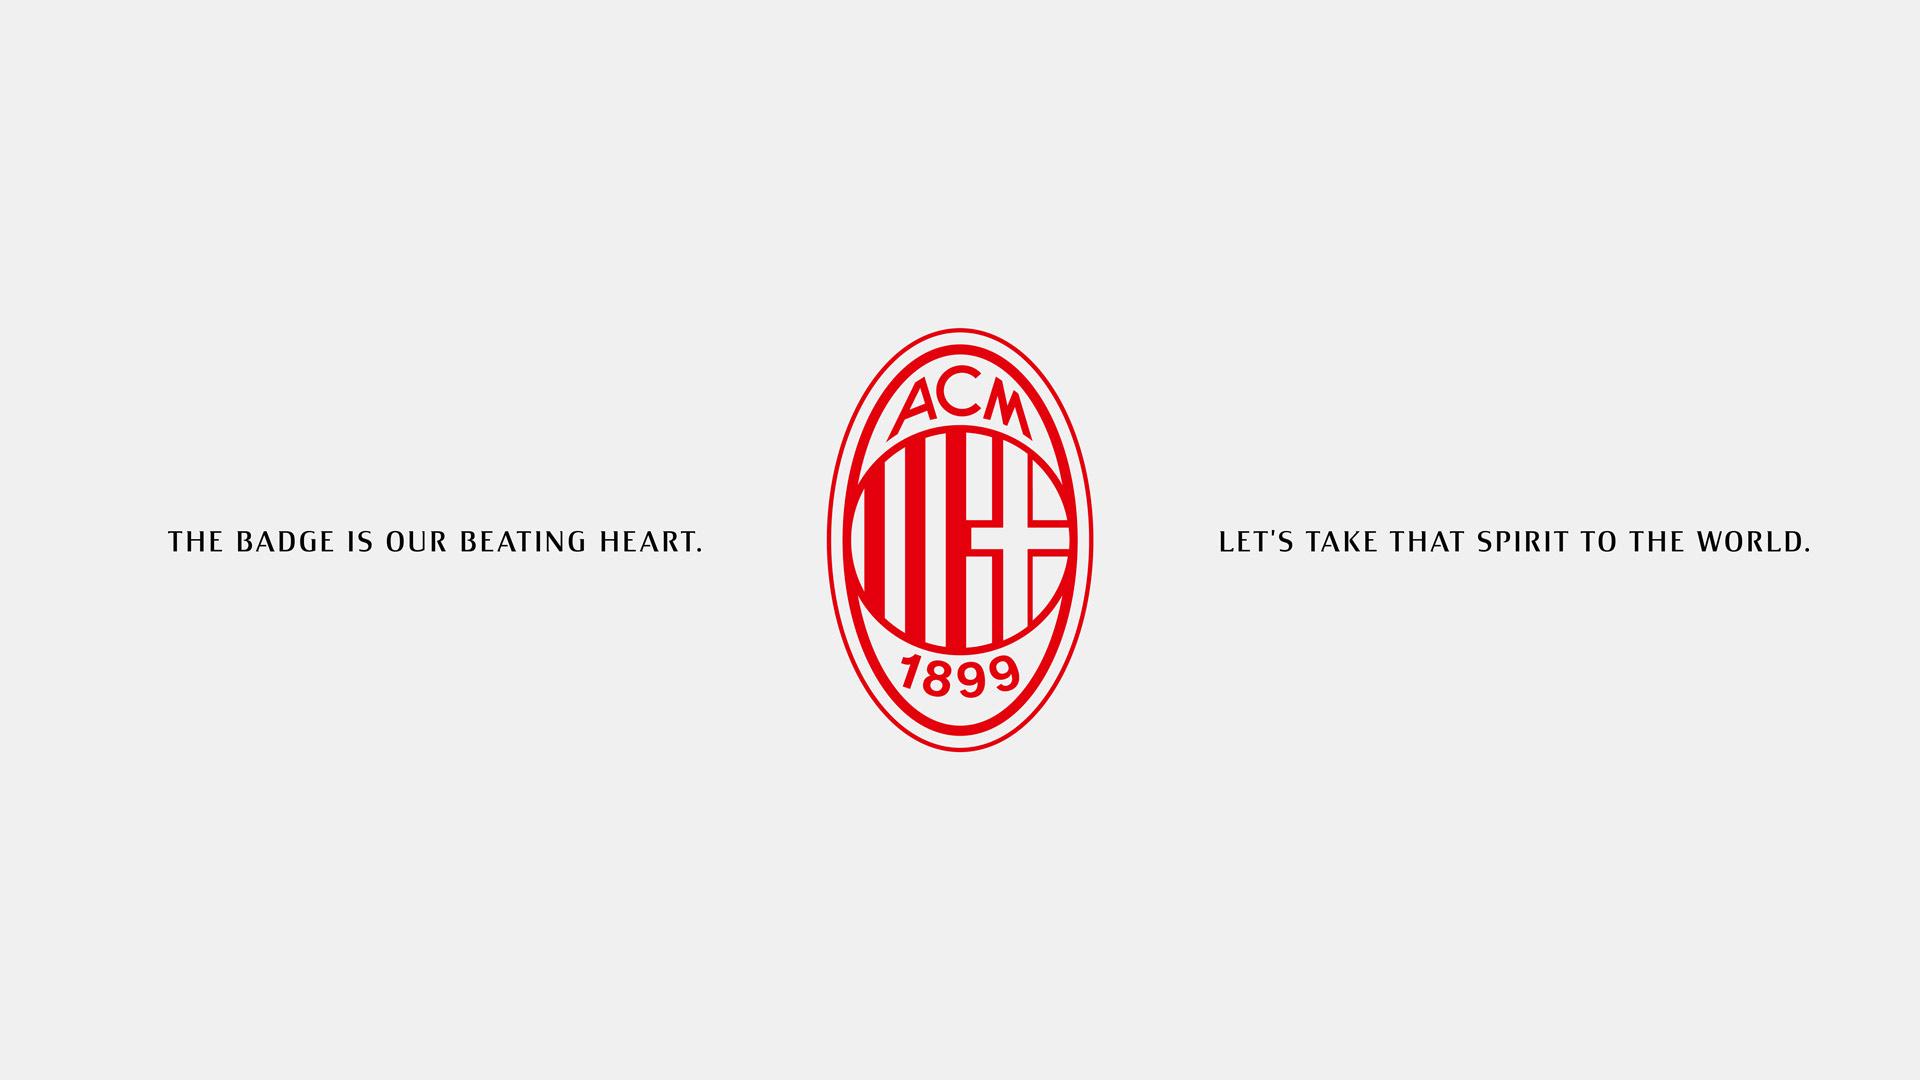 Nueva identidad para el AC Milan por DixonBaxi